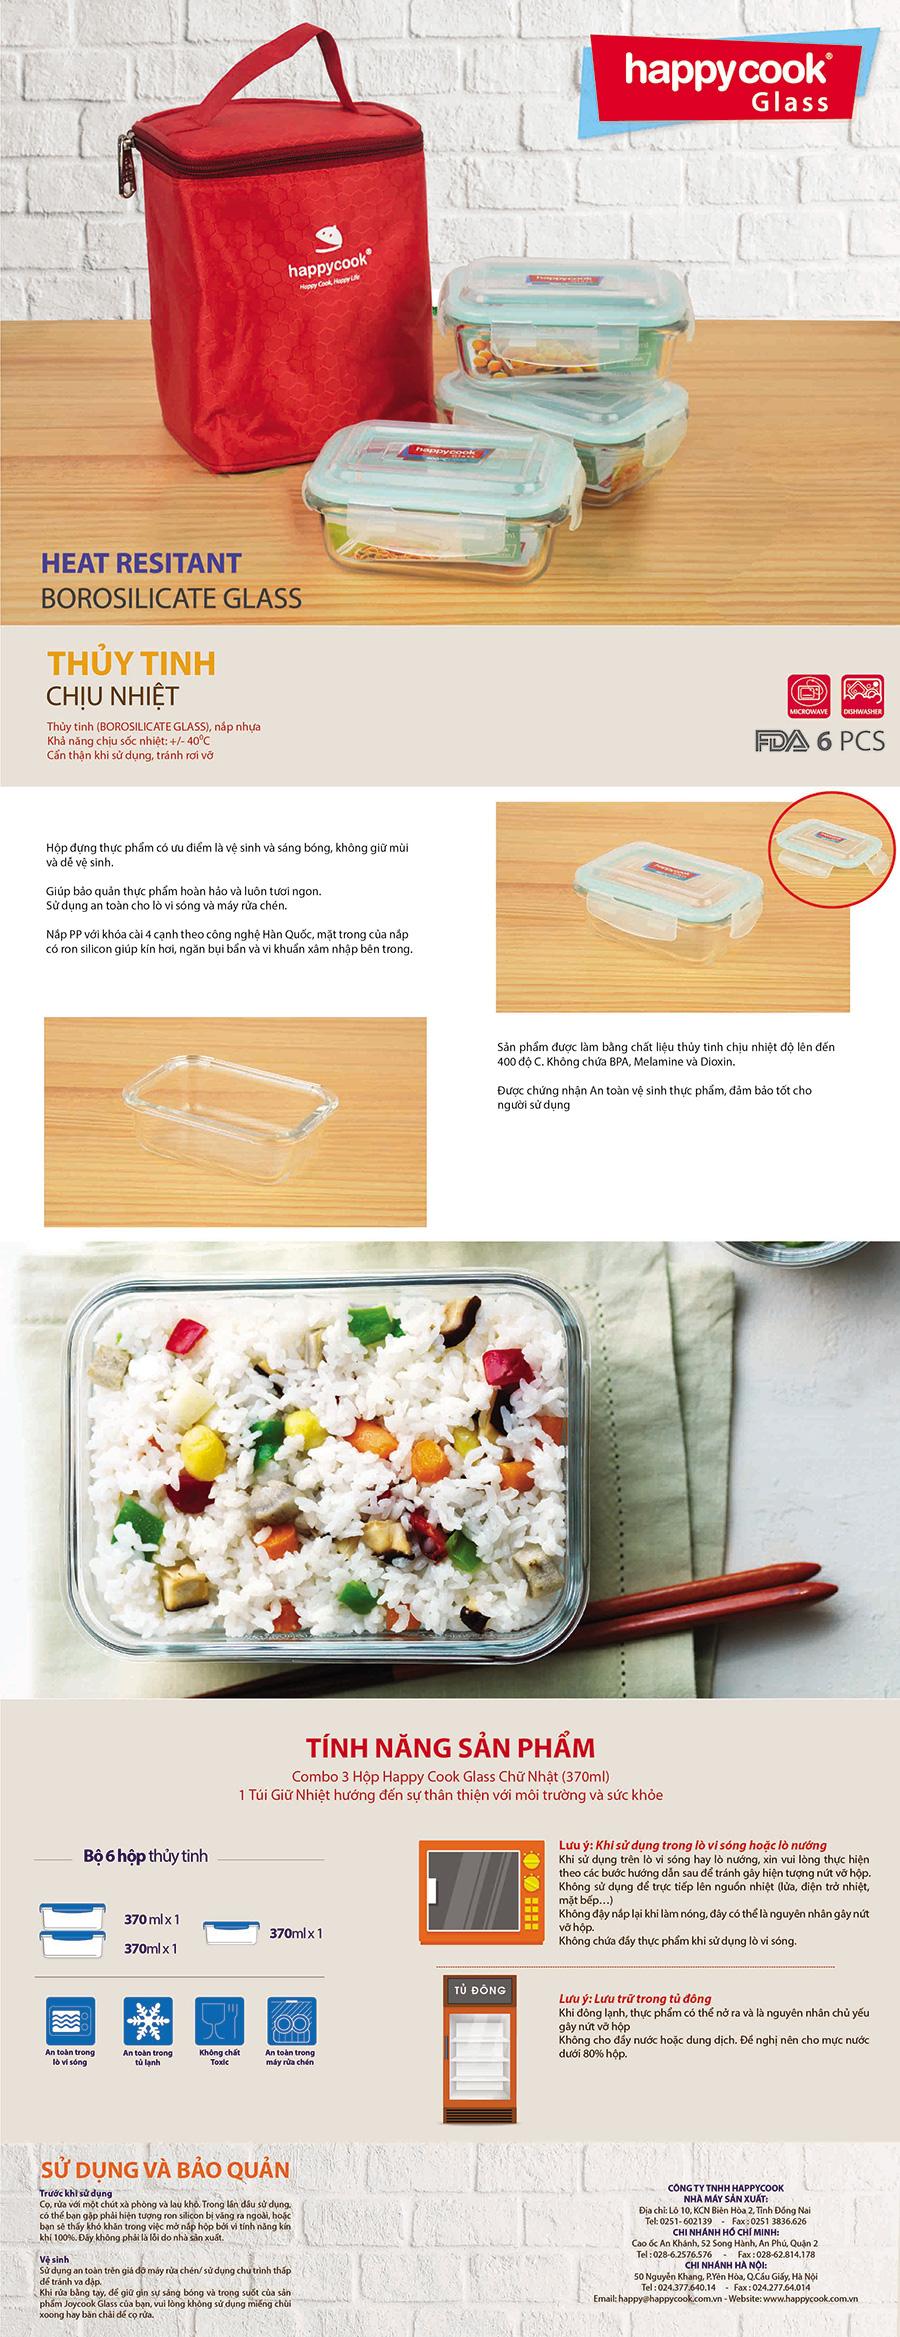 Bộ 3 Hộp Thủy Tinh Chữ Nhật Kèm Túi Giữ Nhiệt Happy Cook HCG-03R (370ml)